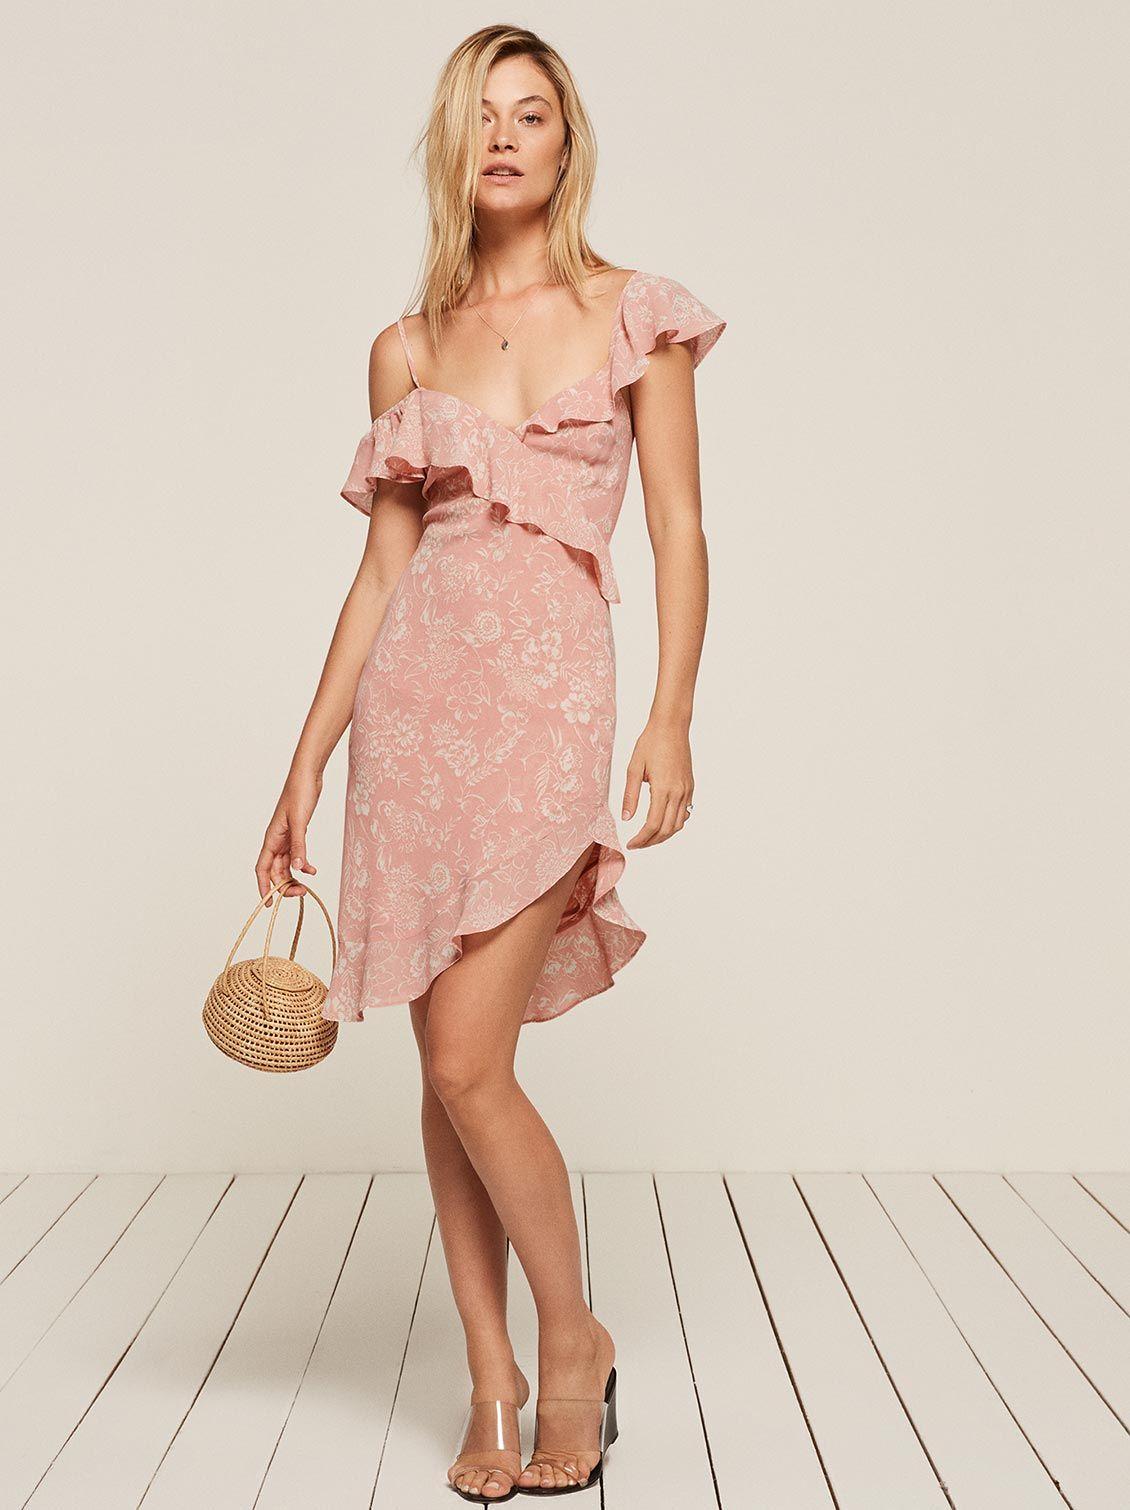 e5c448e9632a Adora pink one shoulder ruffle dress Reformation | For me | Dresses ...